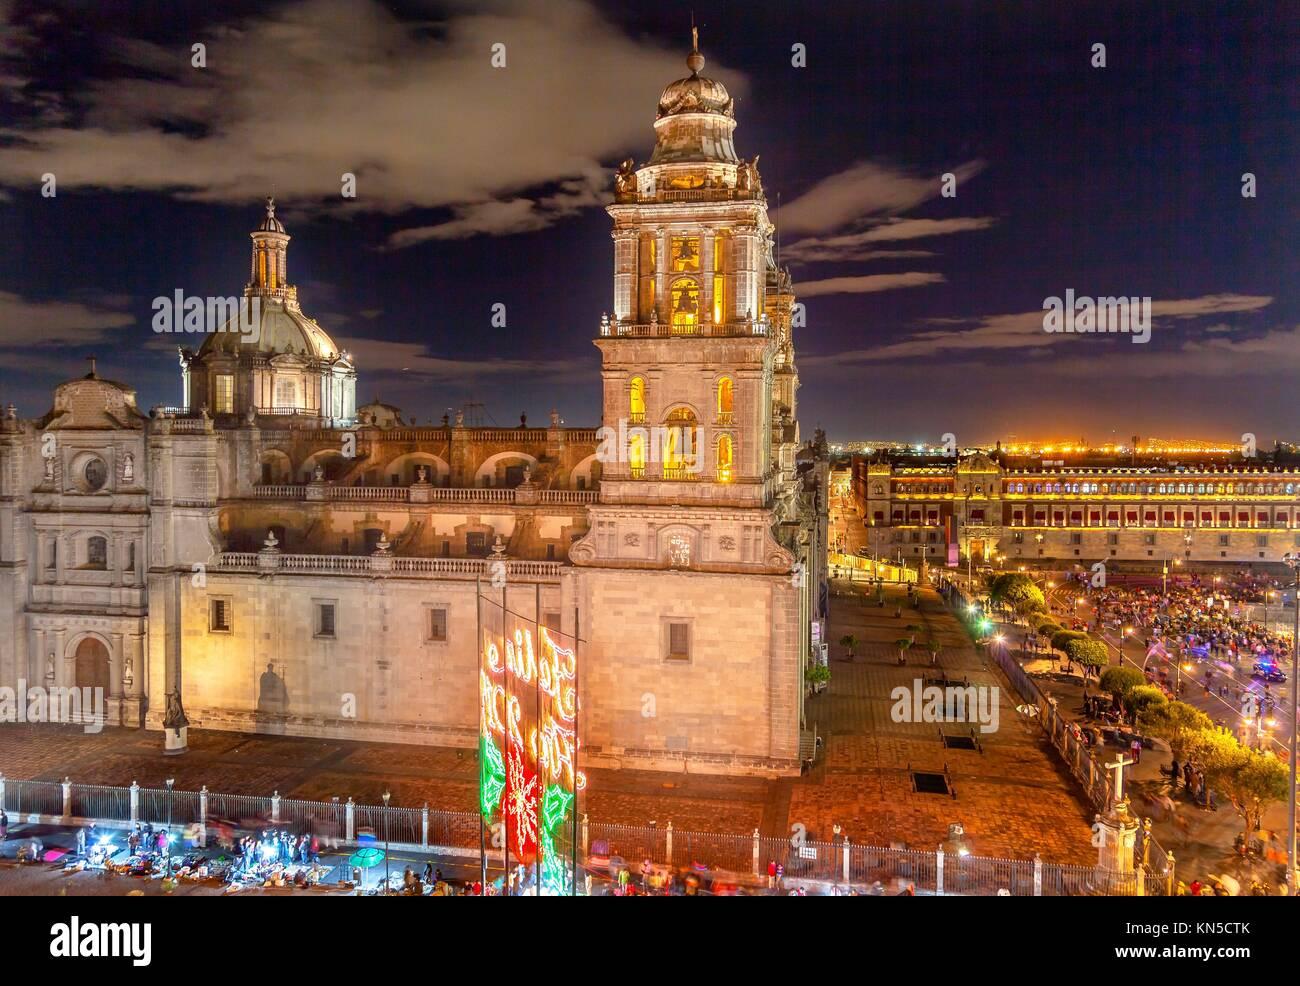 Cattedrale Metropolitana e il Palazzo del Presidente in Zocalo, centro di Città del Messico, a notte. Immagini Stock